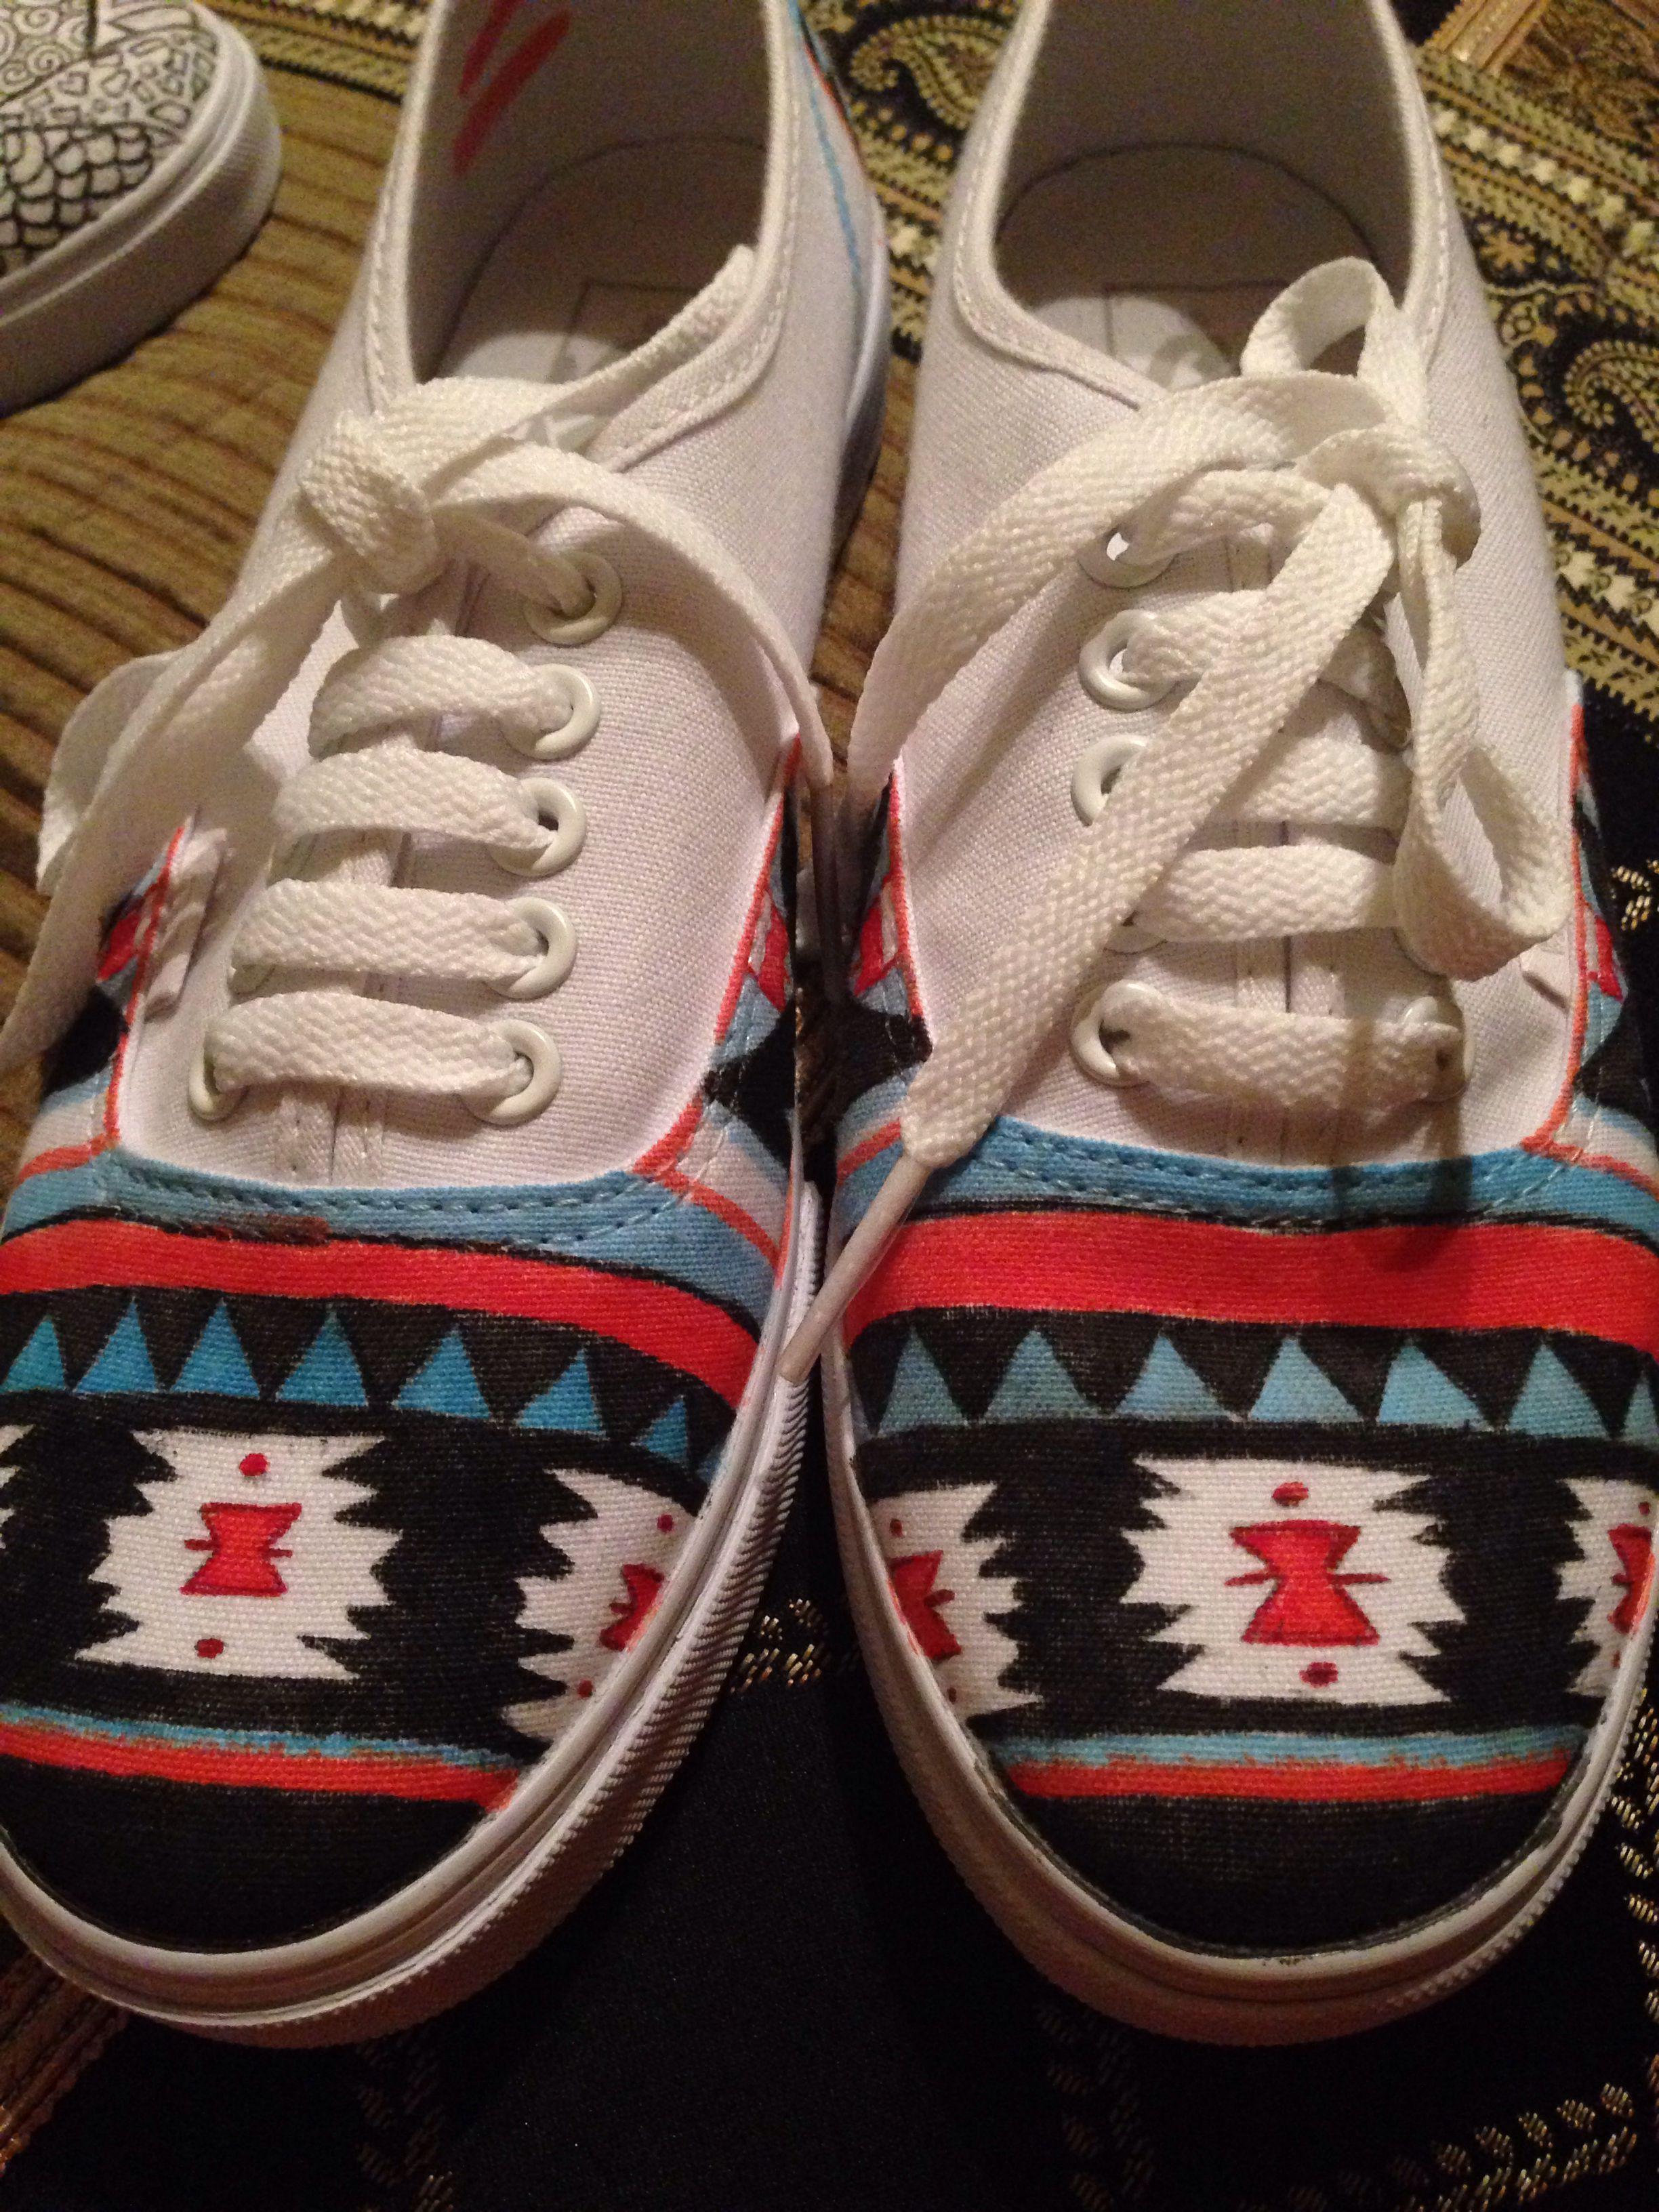 920e84ad42 DIY white vans shoes